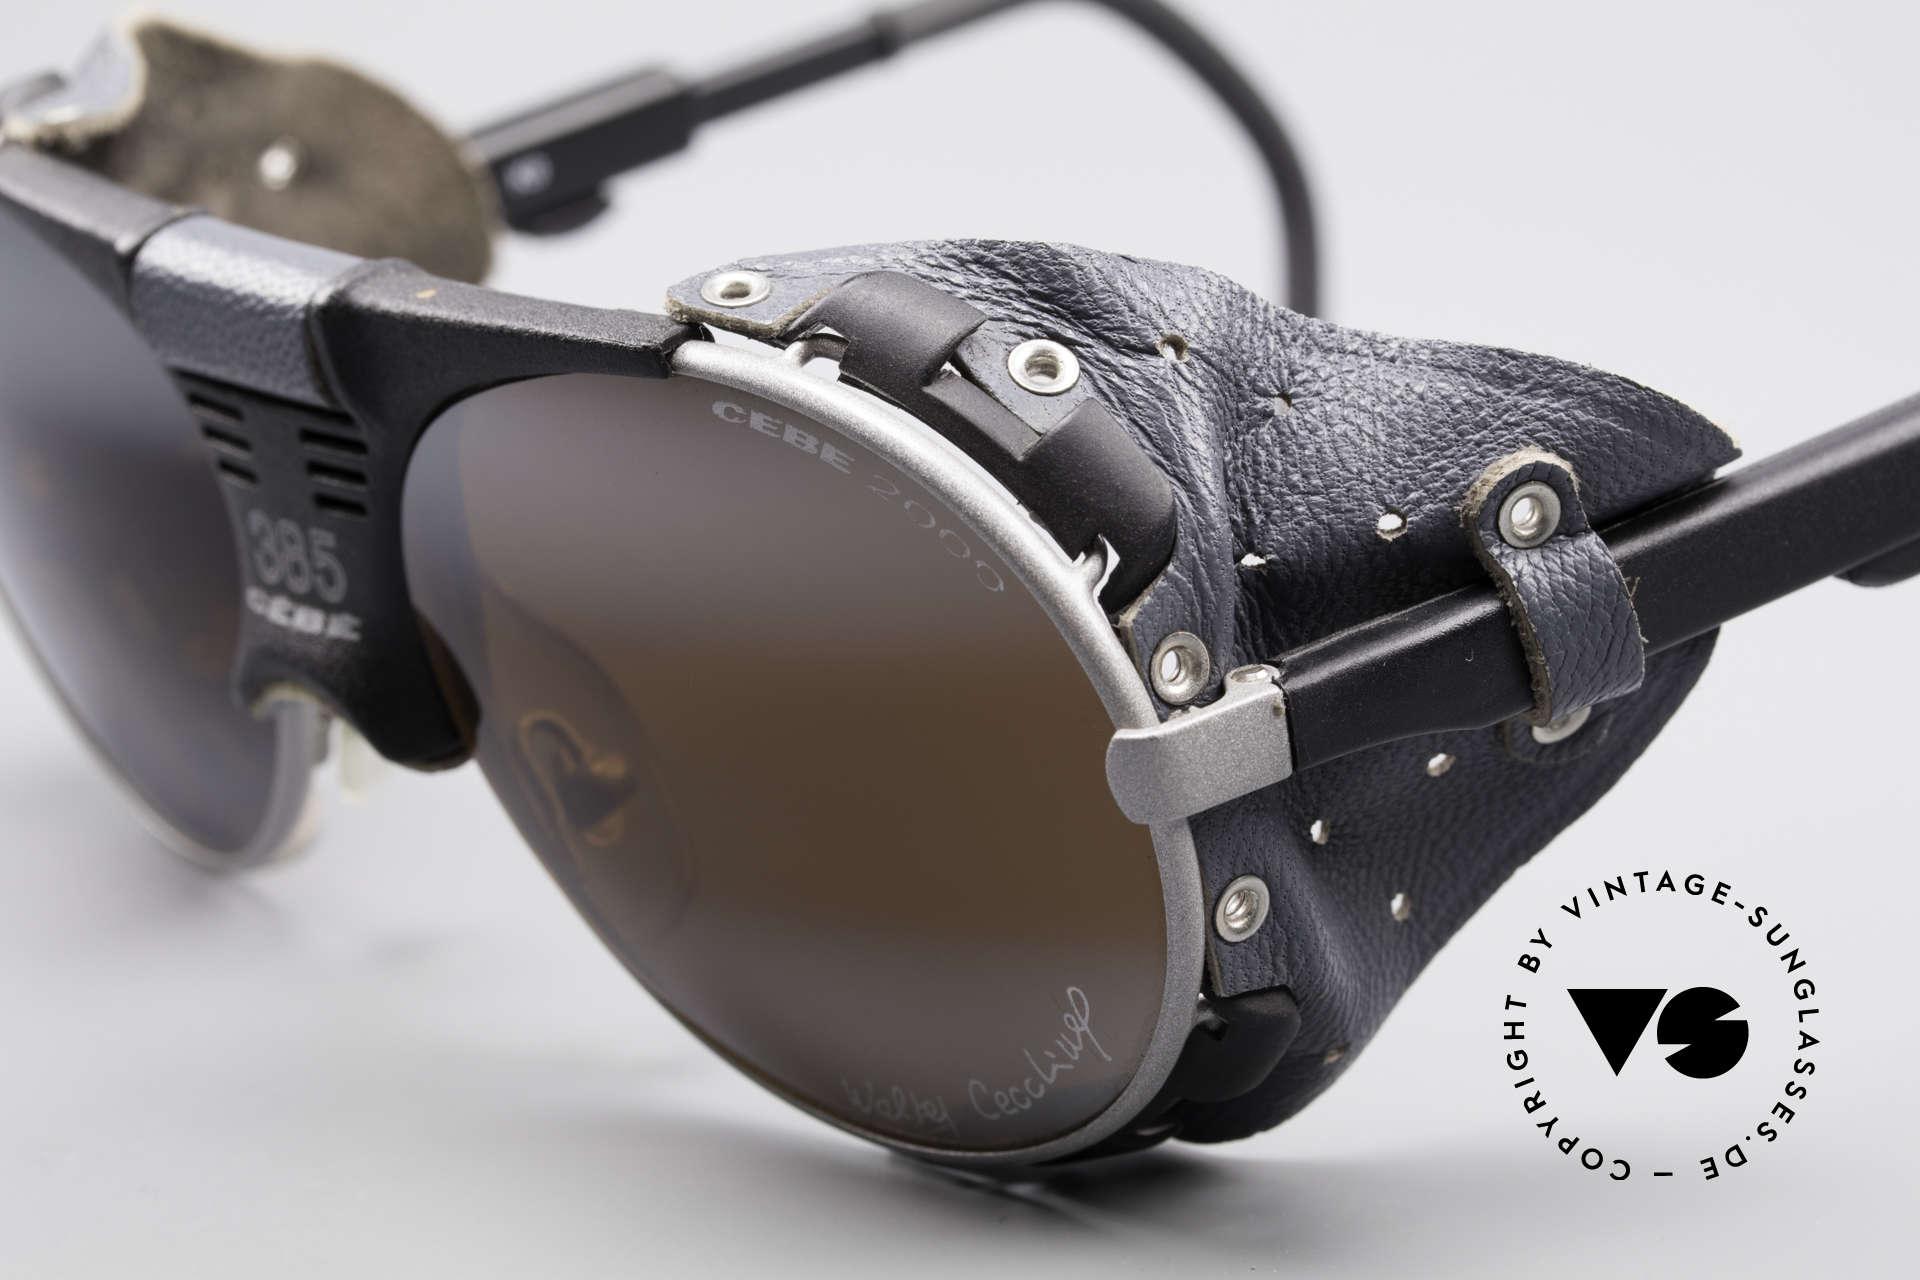 Cebe 385 Walter Cecchinel Sonnenbrille, Rahmenkonstruktion und Seitenblenden für idealen Halt, Passend für Herren und Damen